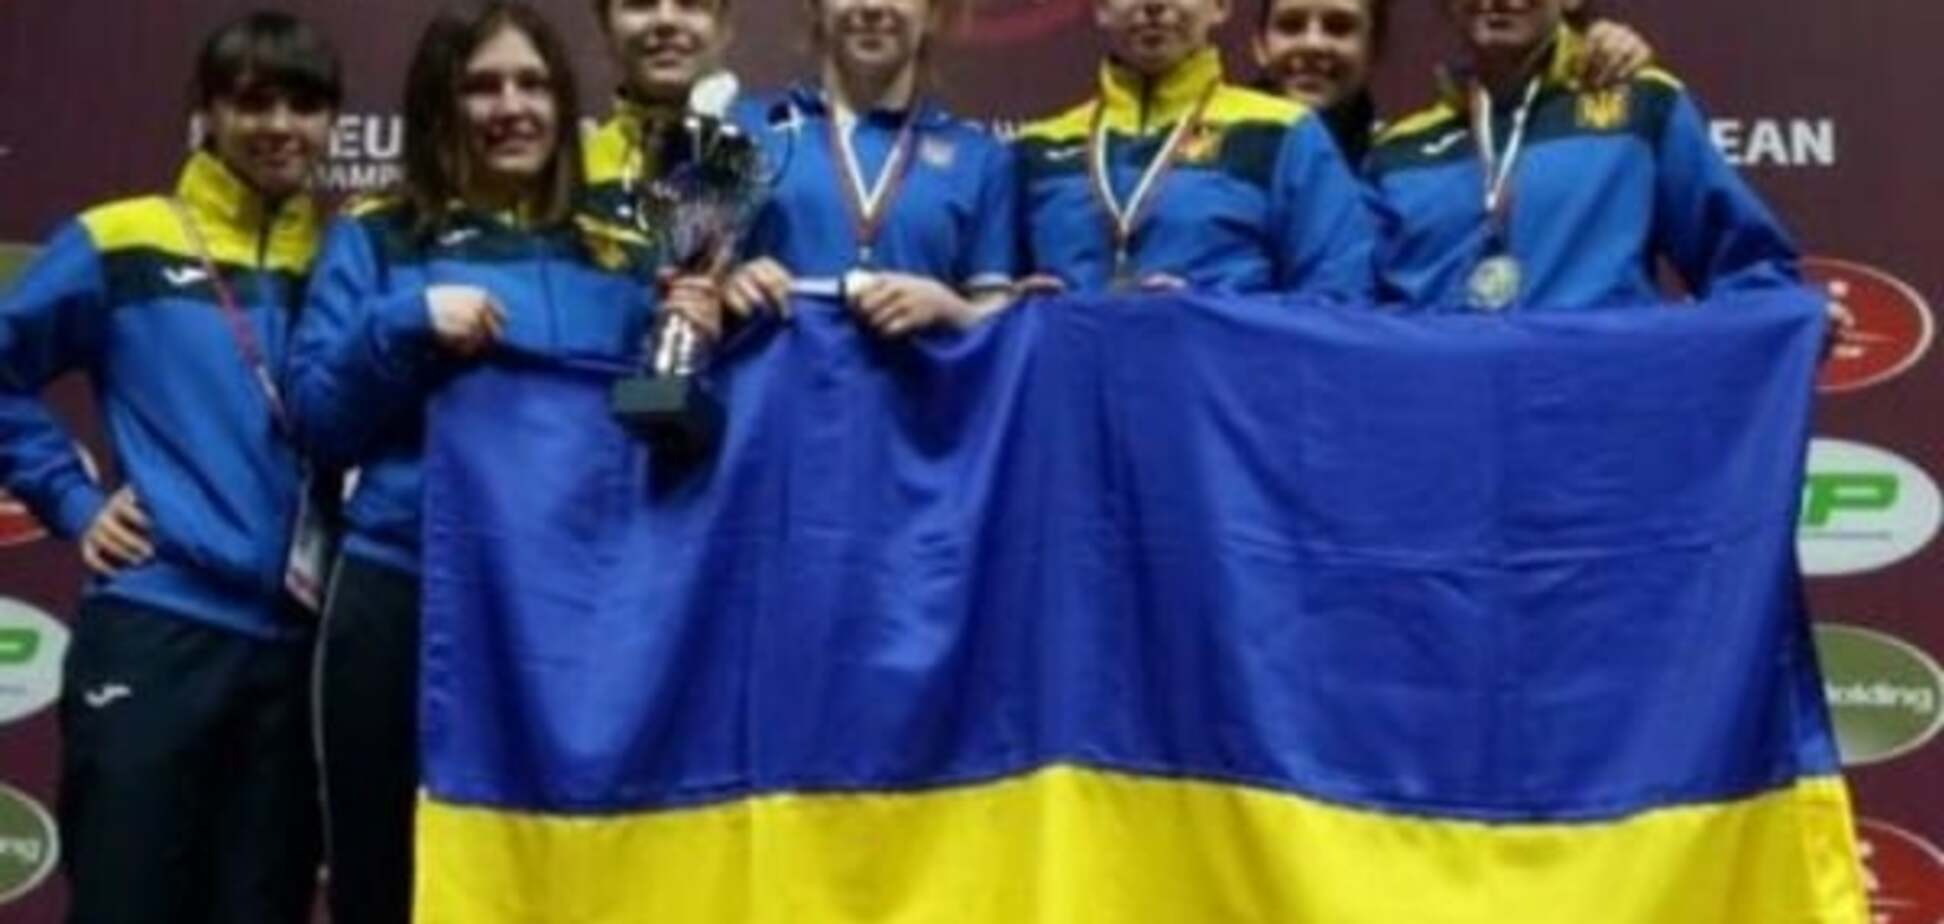 Збірна України виграла чемпіонат Європи з боротьби - 4 квітня 2016